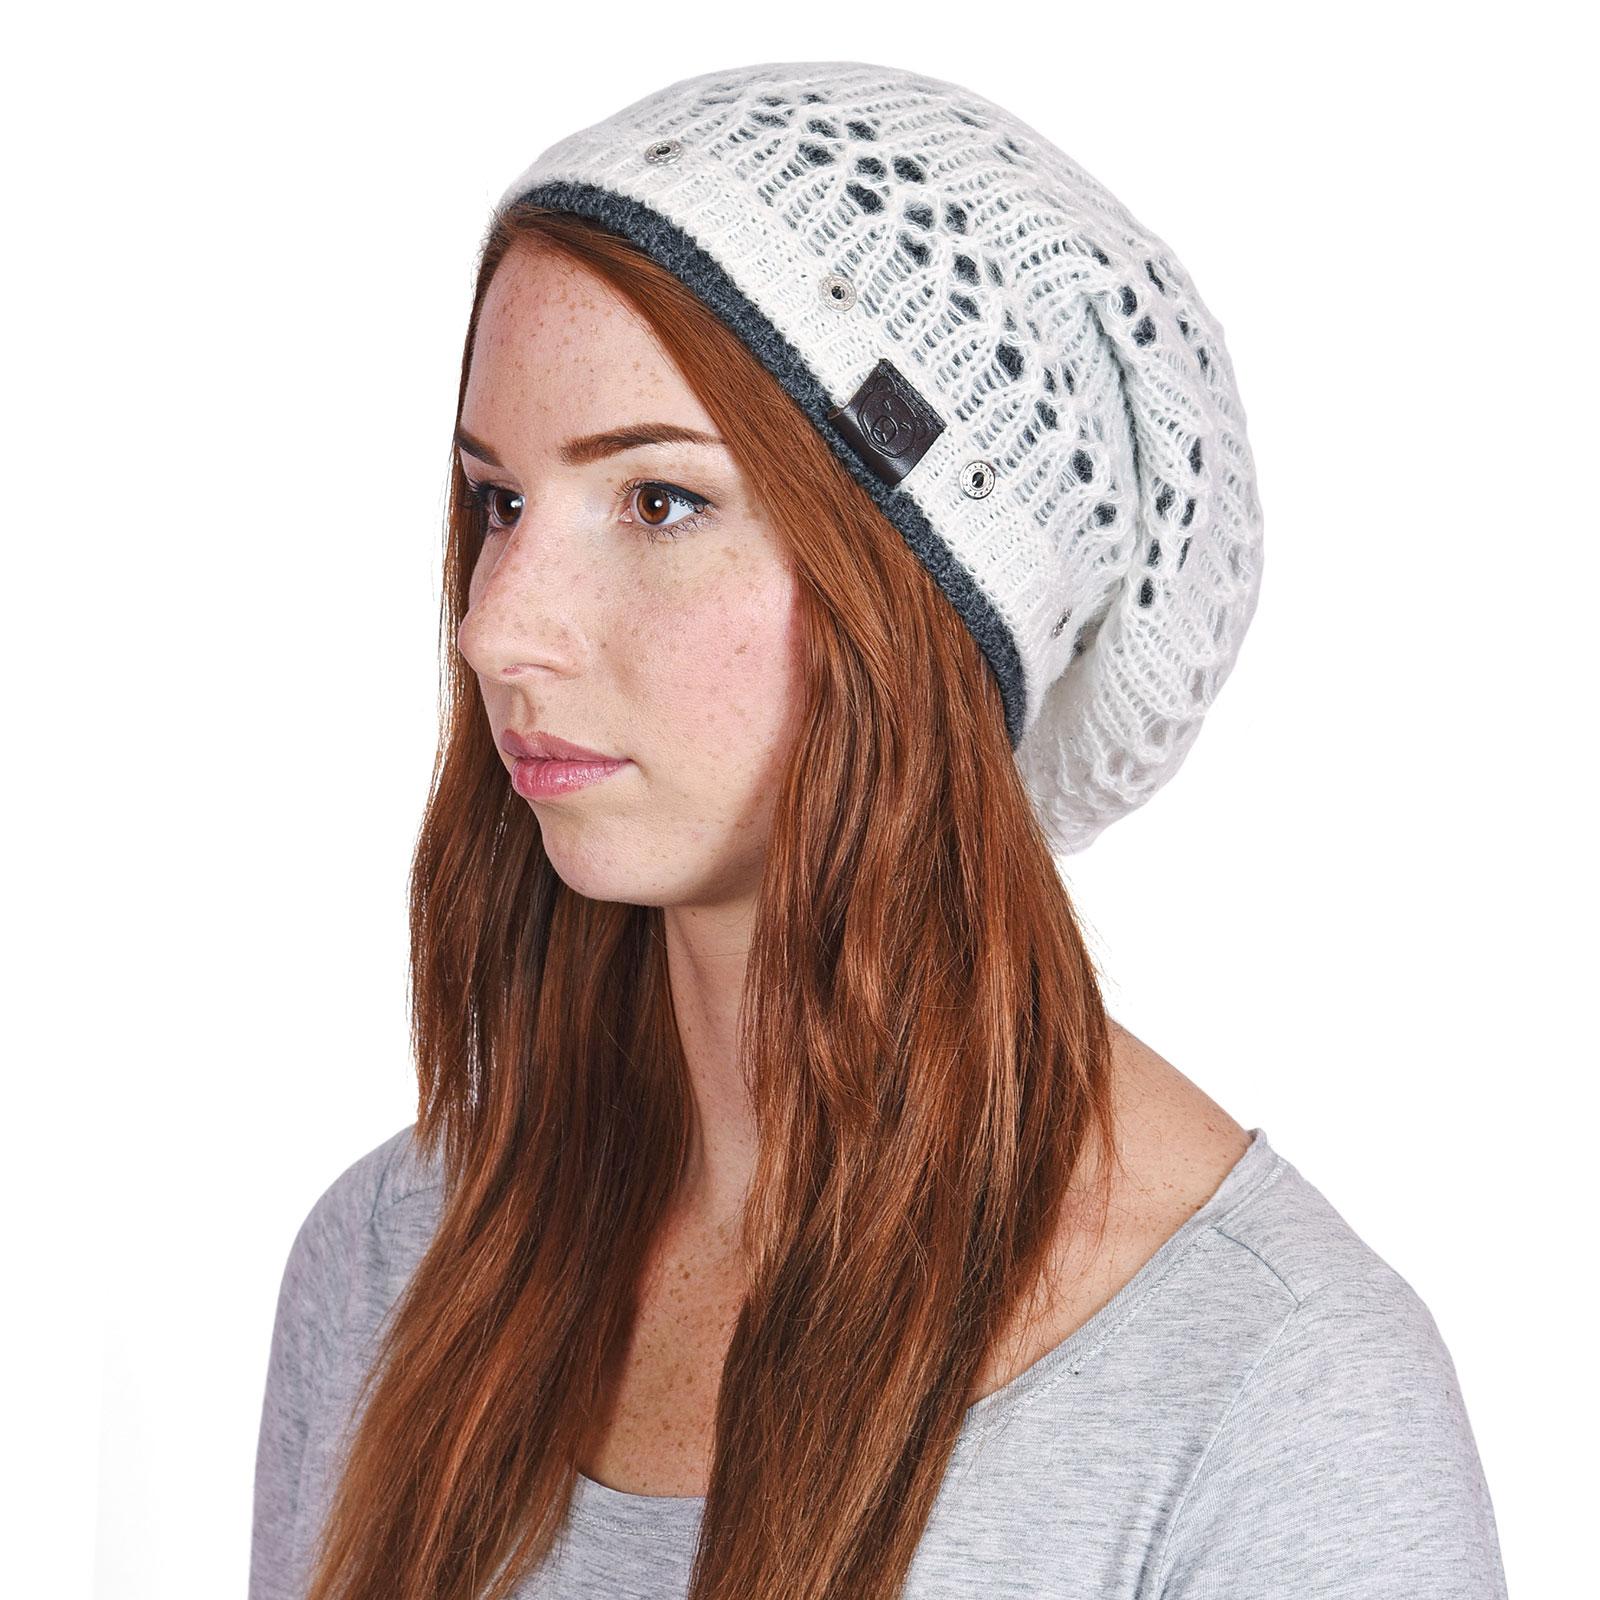 CP-01056-VF16-P-bonnet-dentelle-blanc-doublure-grise